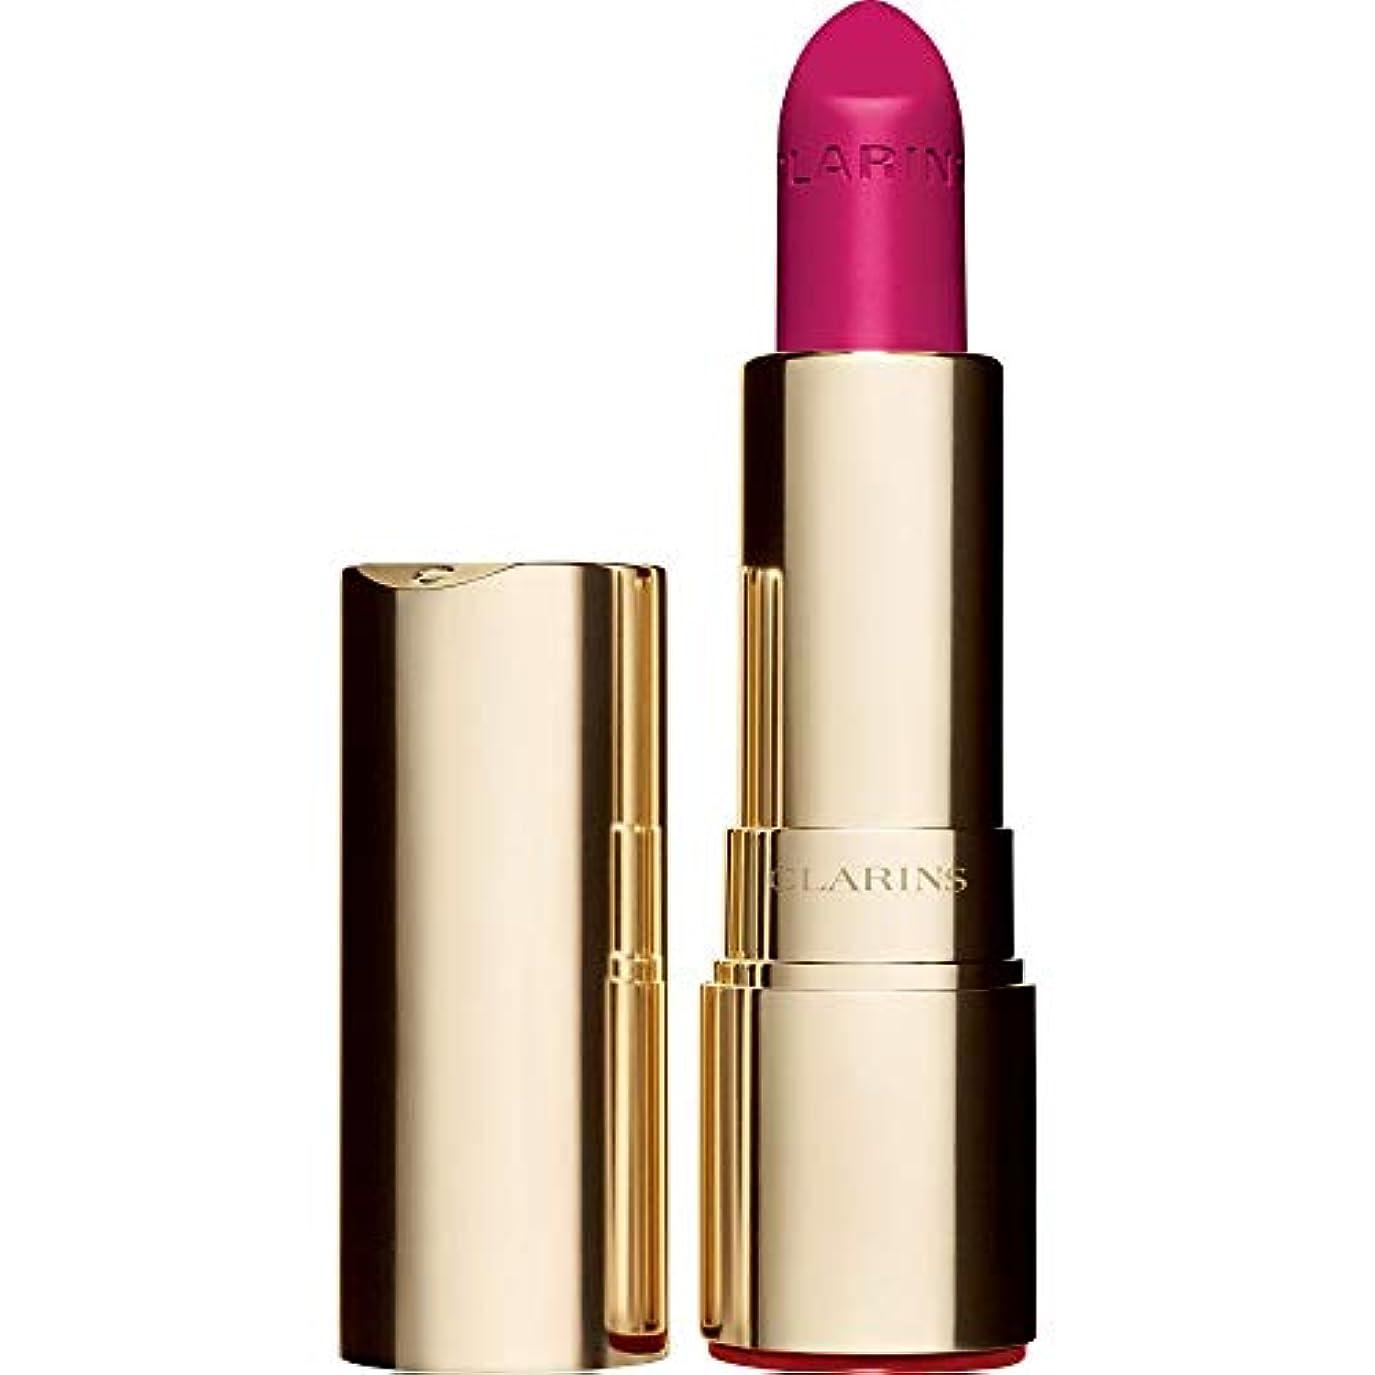 進化グループ返還[Clarins ] クラランスジョリルージュのベルベットの口紅3.5グラムの713V - ホットピンク - Clarins Joli Rouge Velvet Lipstick 3.5g 713V - Hot Pink [並行輸入品]